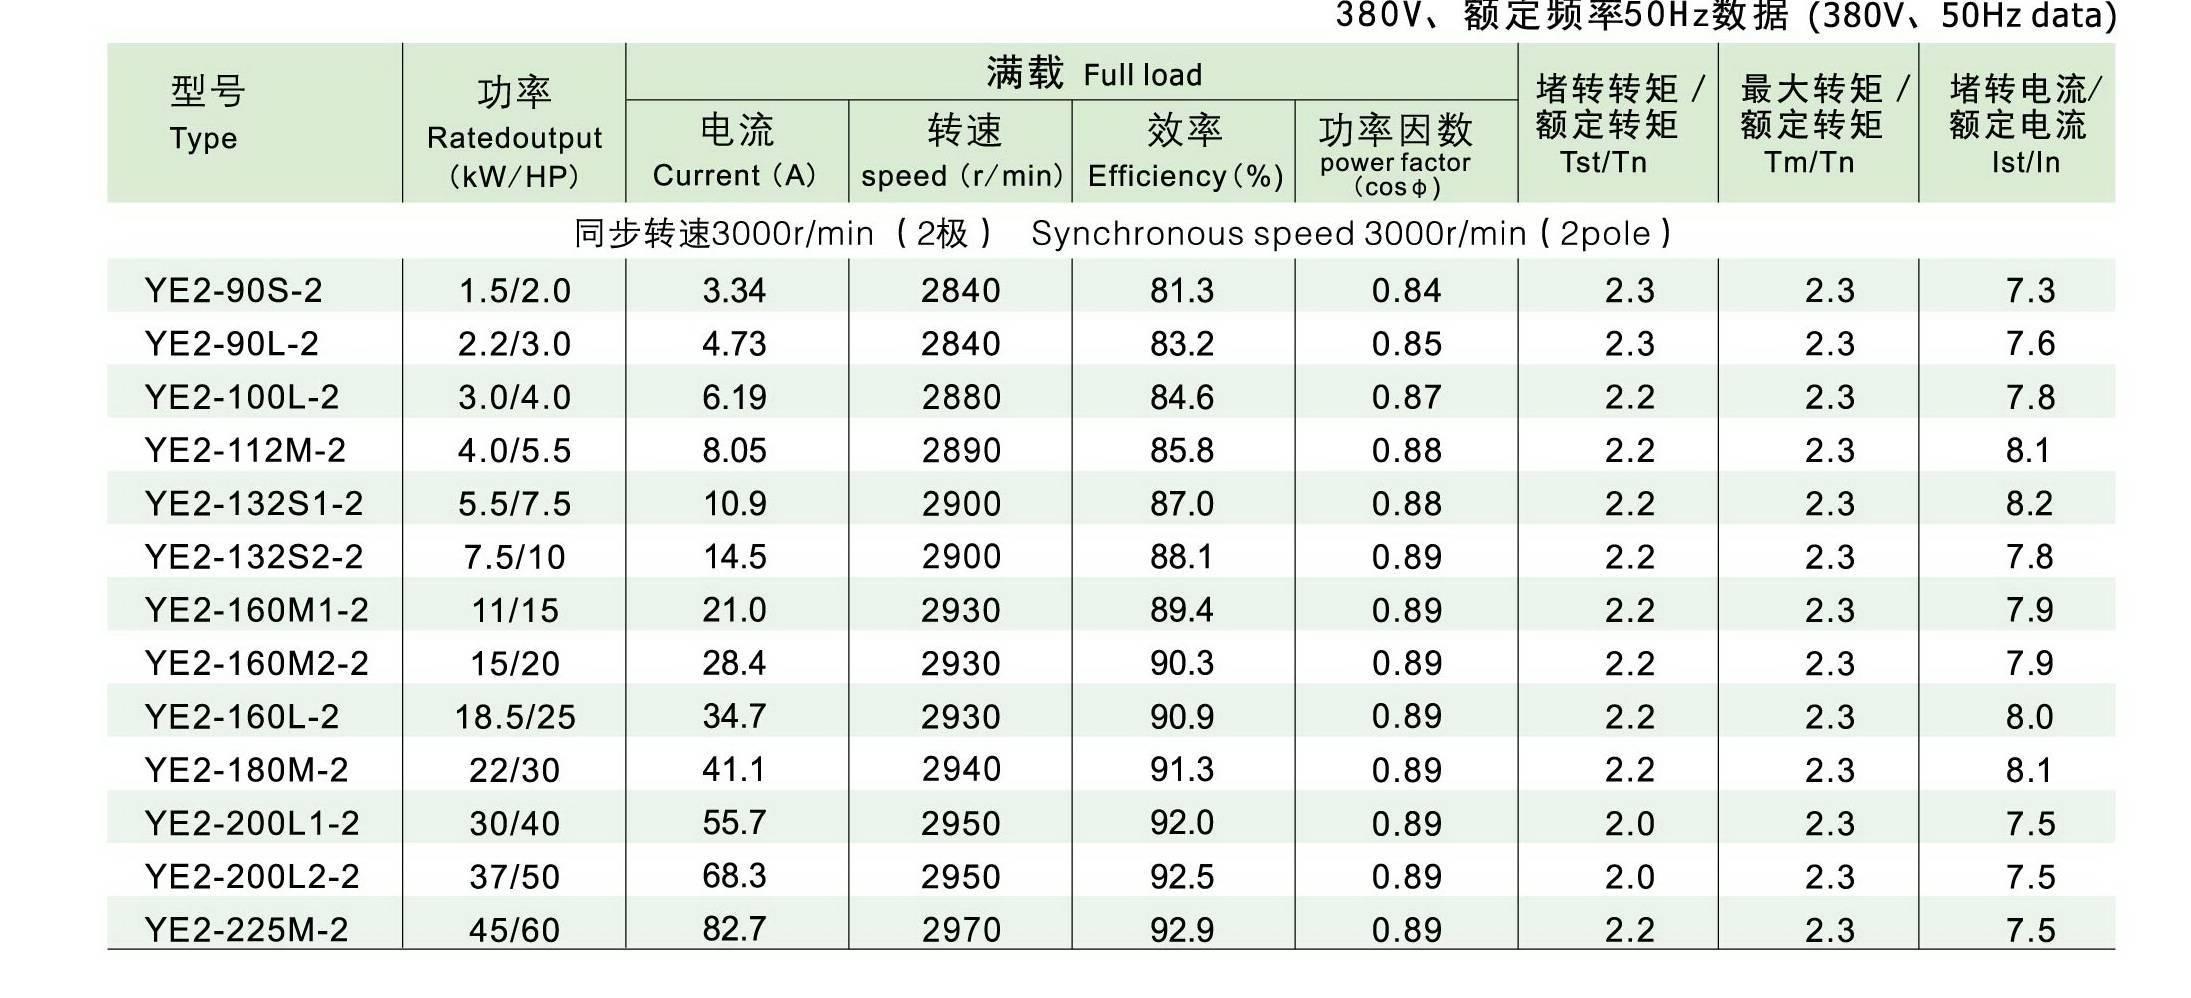 高效率三相異步電動機技術數據